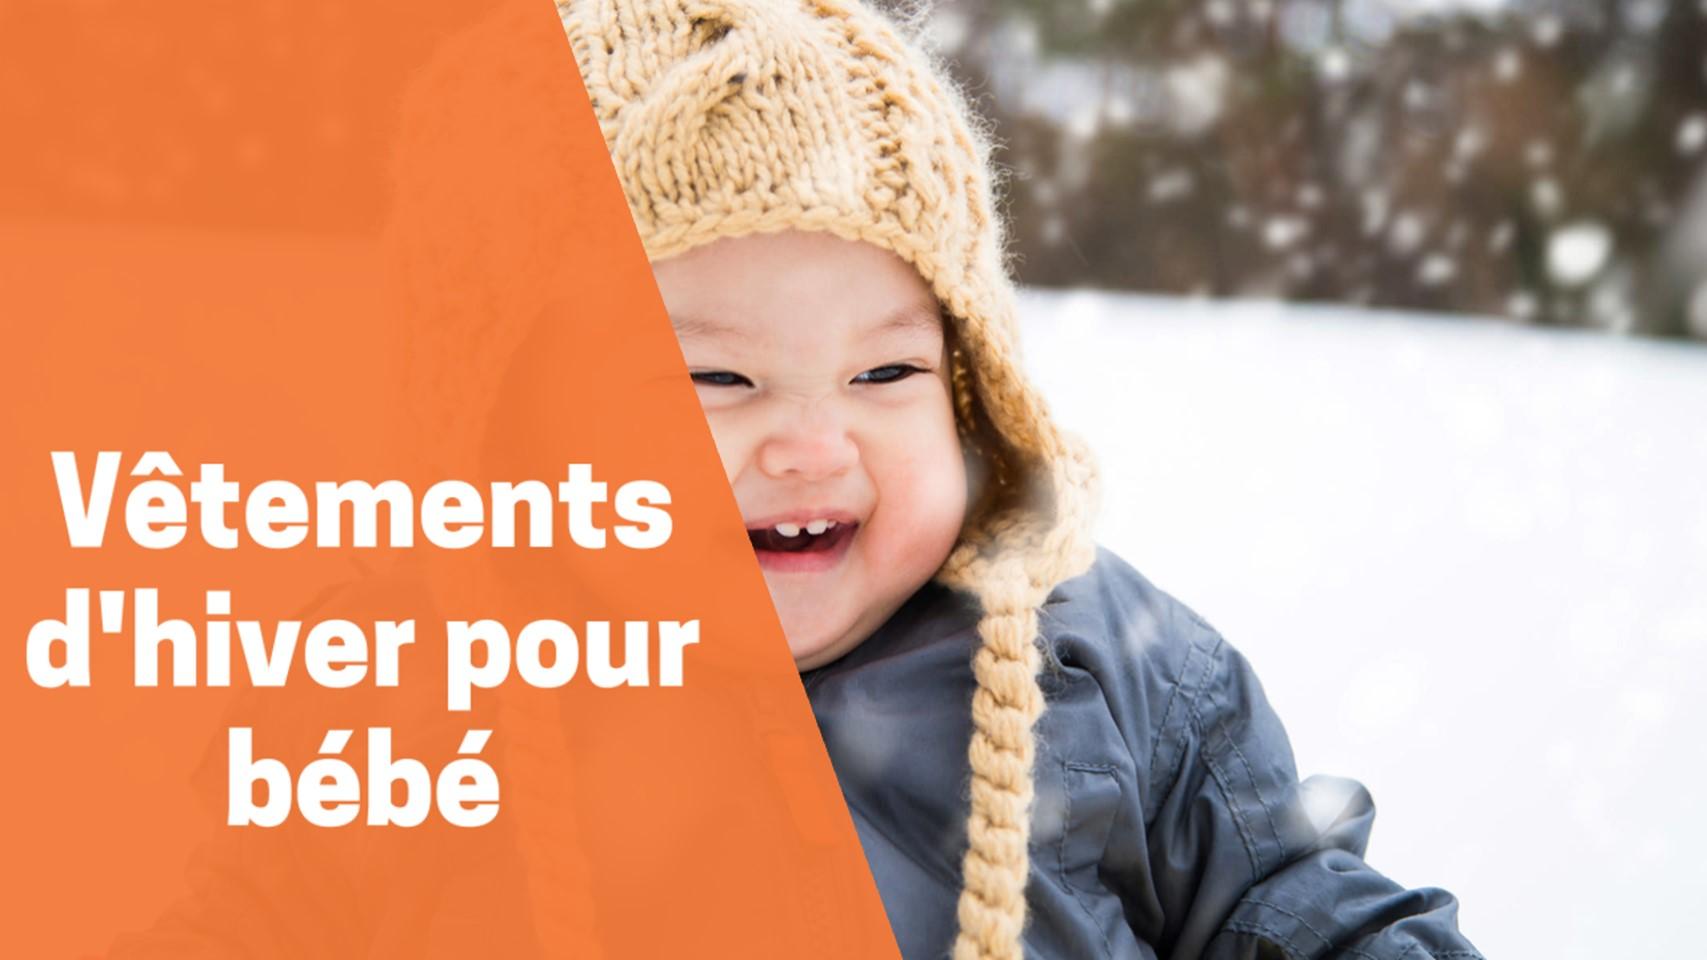 meilleur Vêtements d'hiver pour bébé comparatif avis test guide achat